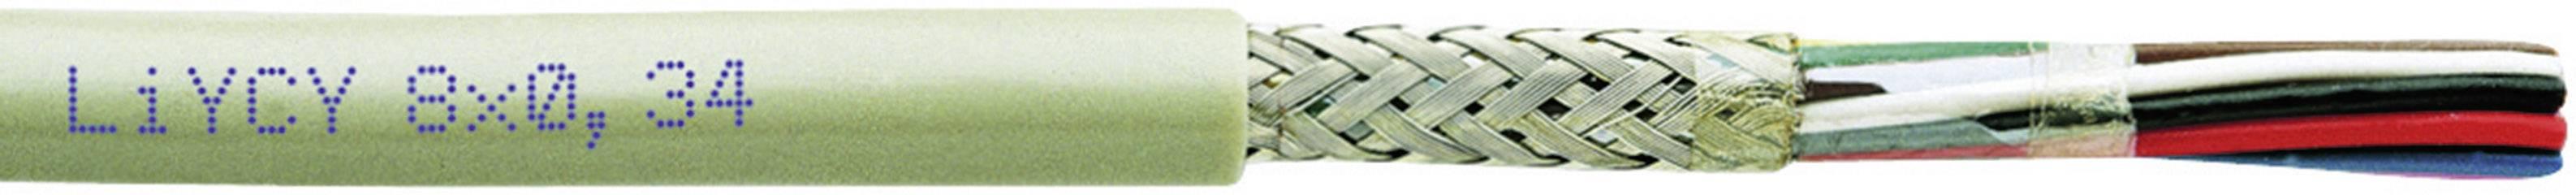 Řídicí kabel Faber Kabel LIYCY (030571), 6,6 mm, 250 V, stíněný, šedá, 1 m